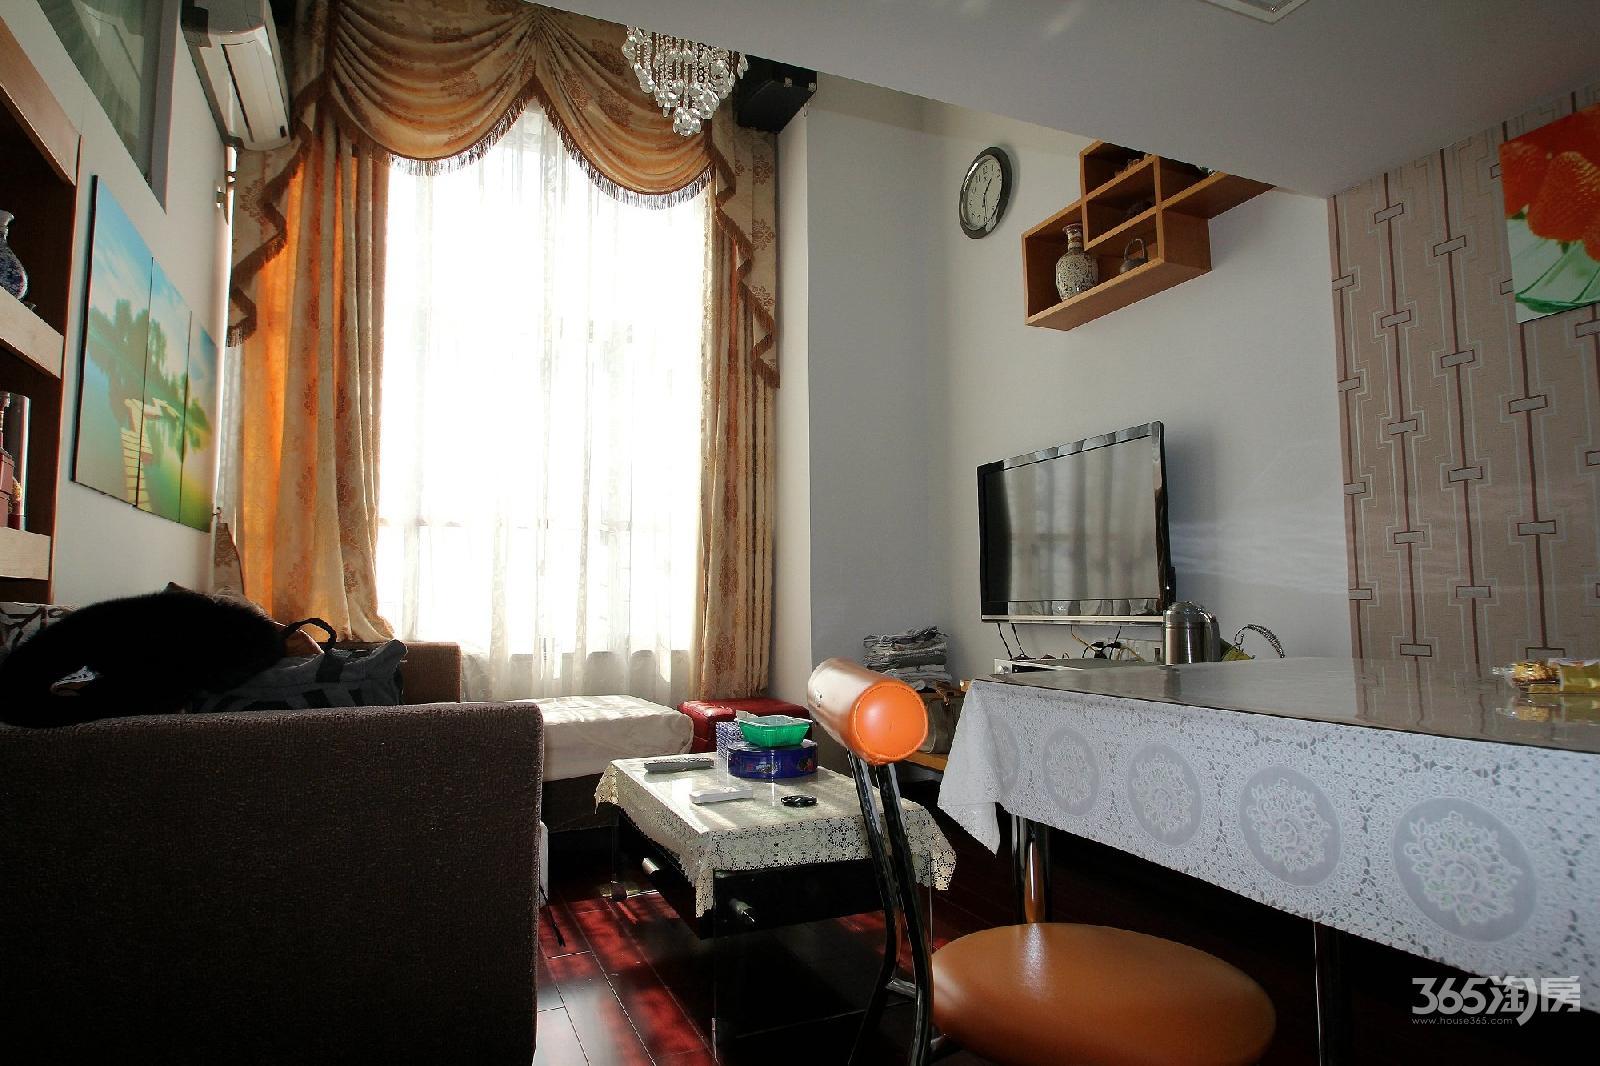 甲壳虫公寓急转1室1厅1卫挑高31.77平方产权房豪华装